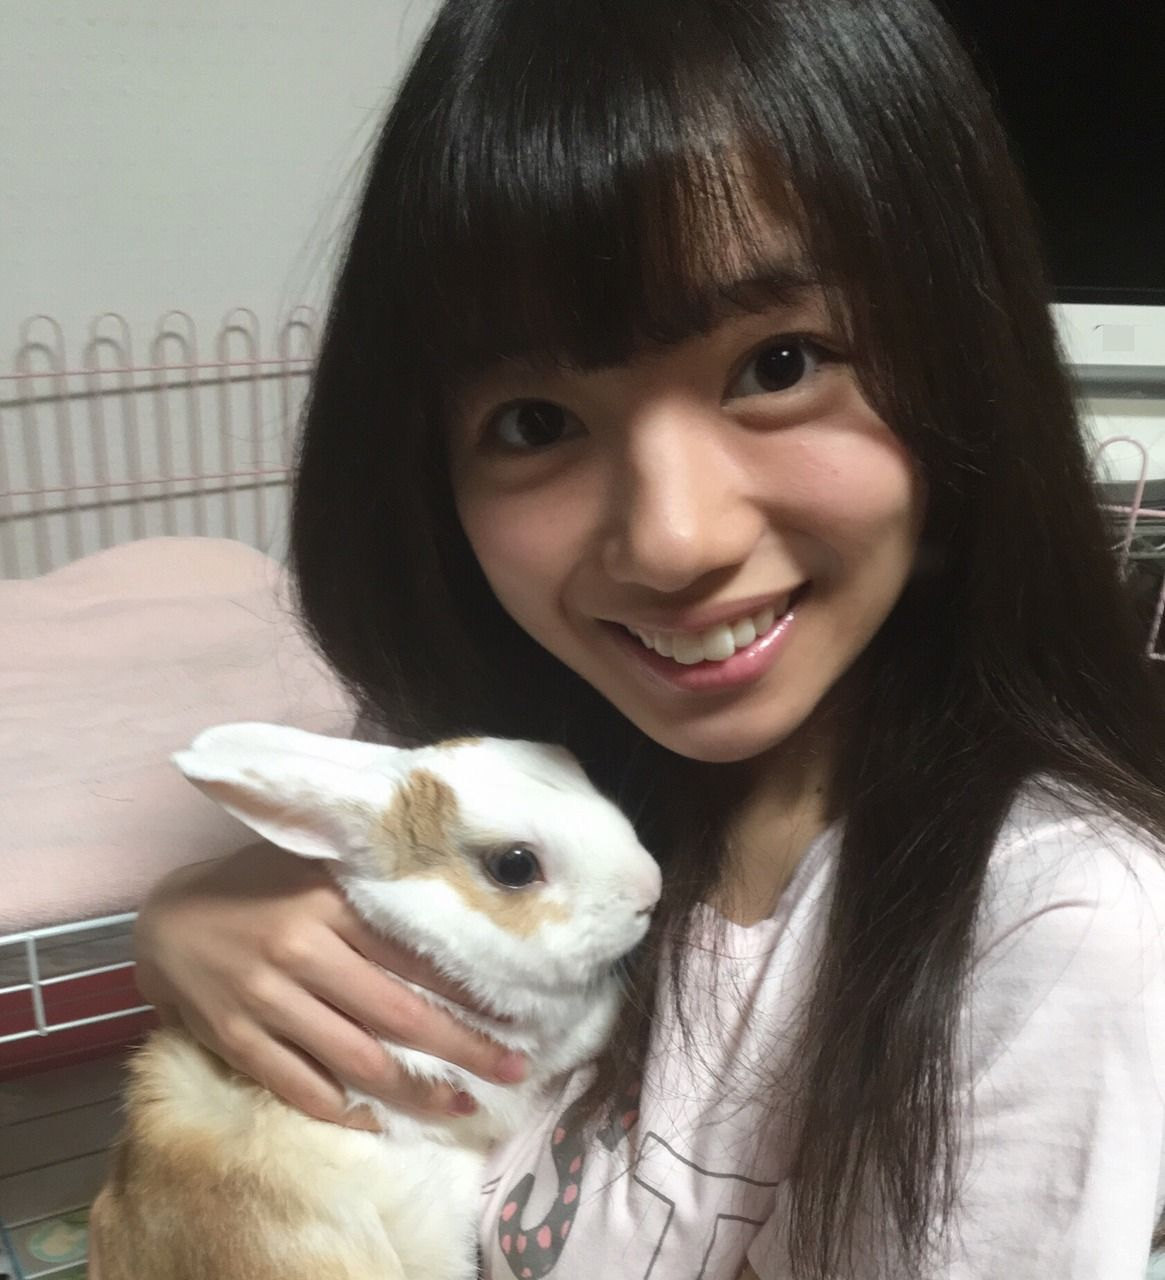 齊藤 京子 公式ブログ 日向坂46公式サイト 齊藤京子 可愛い うさぎ